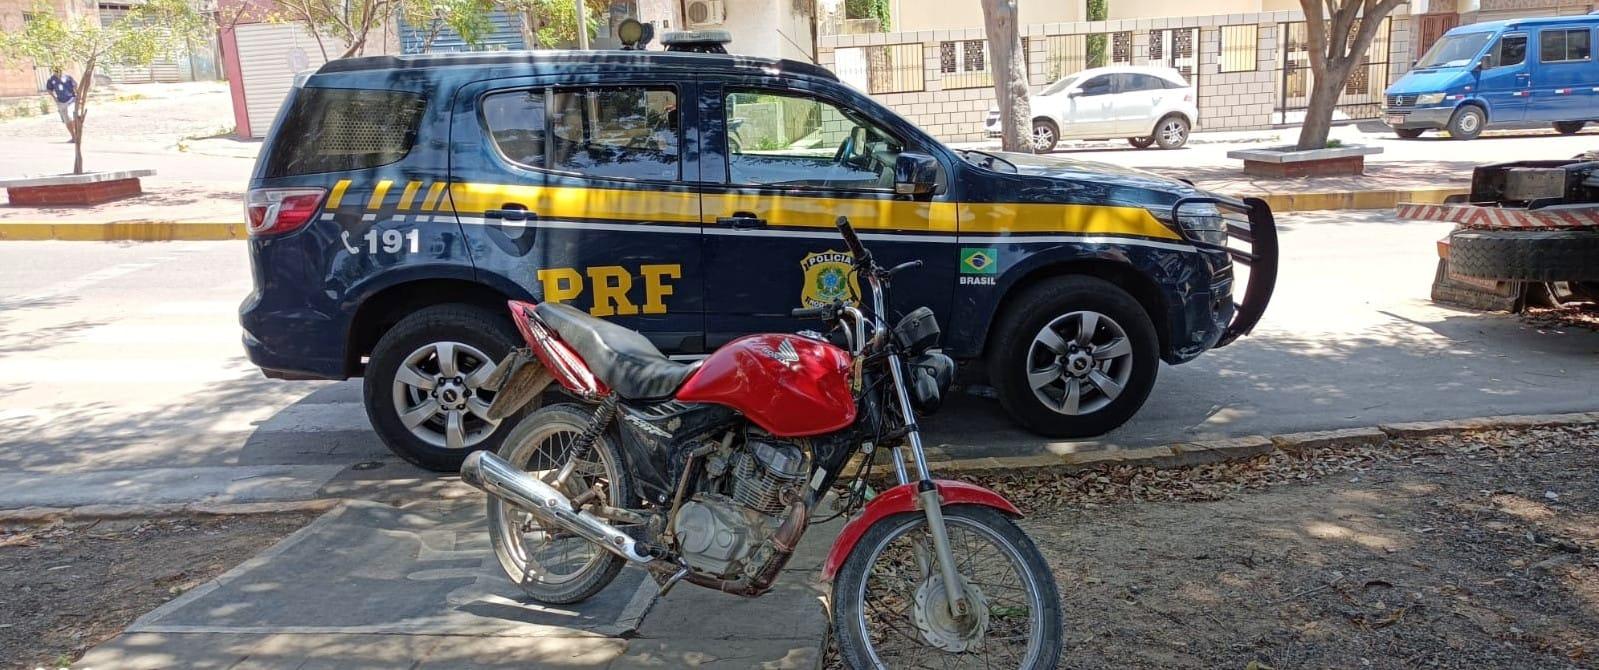 Condutor não portava documentos da moto e achava que veículo era de leilão.  (PRF/Divulgação)